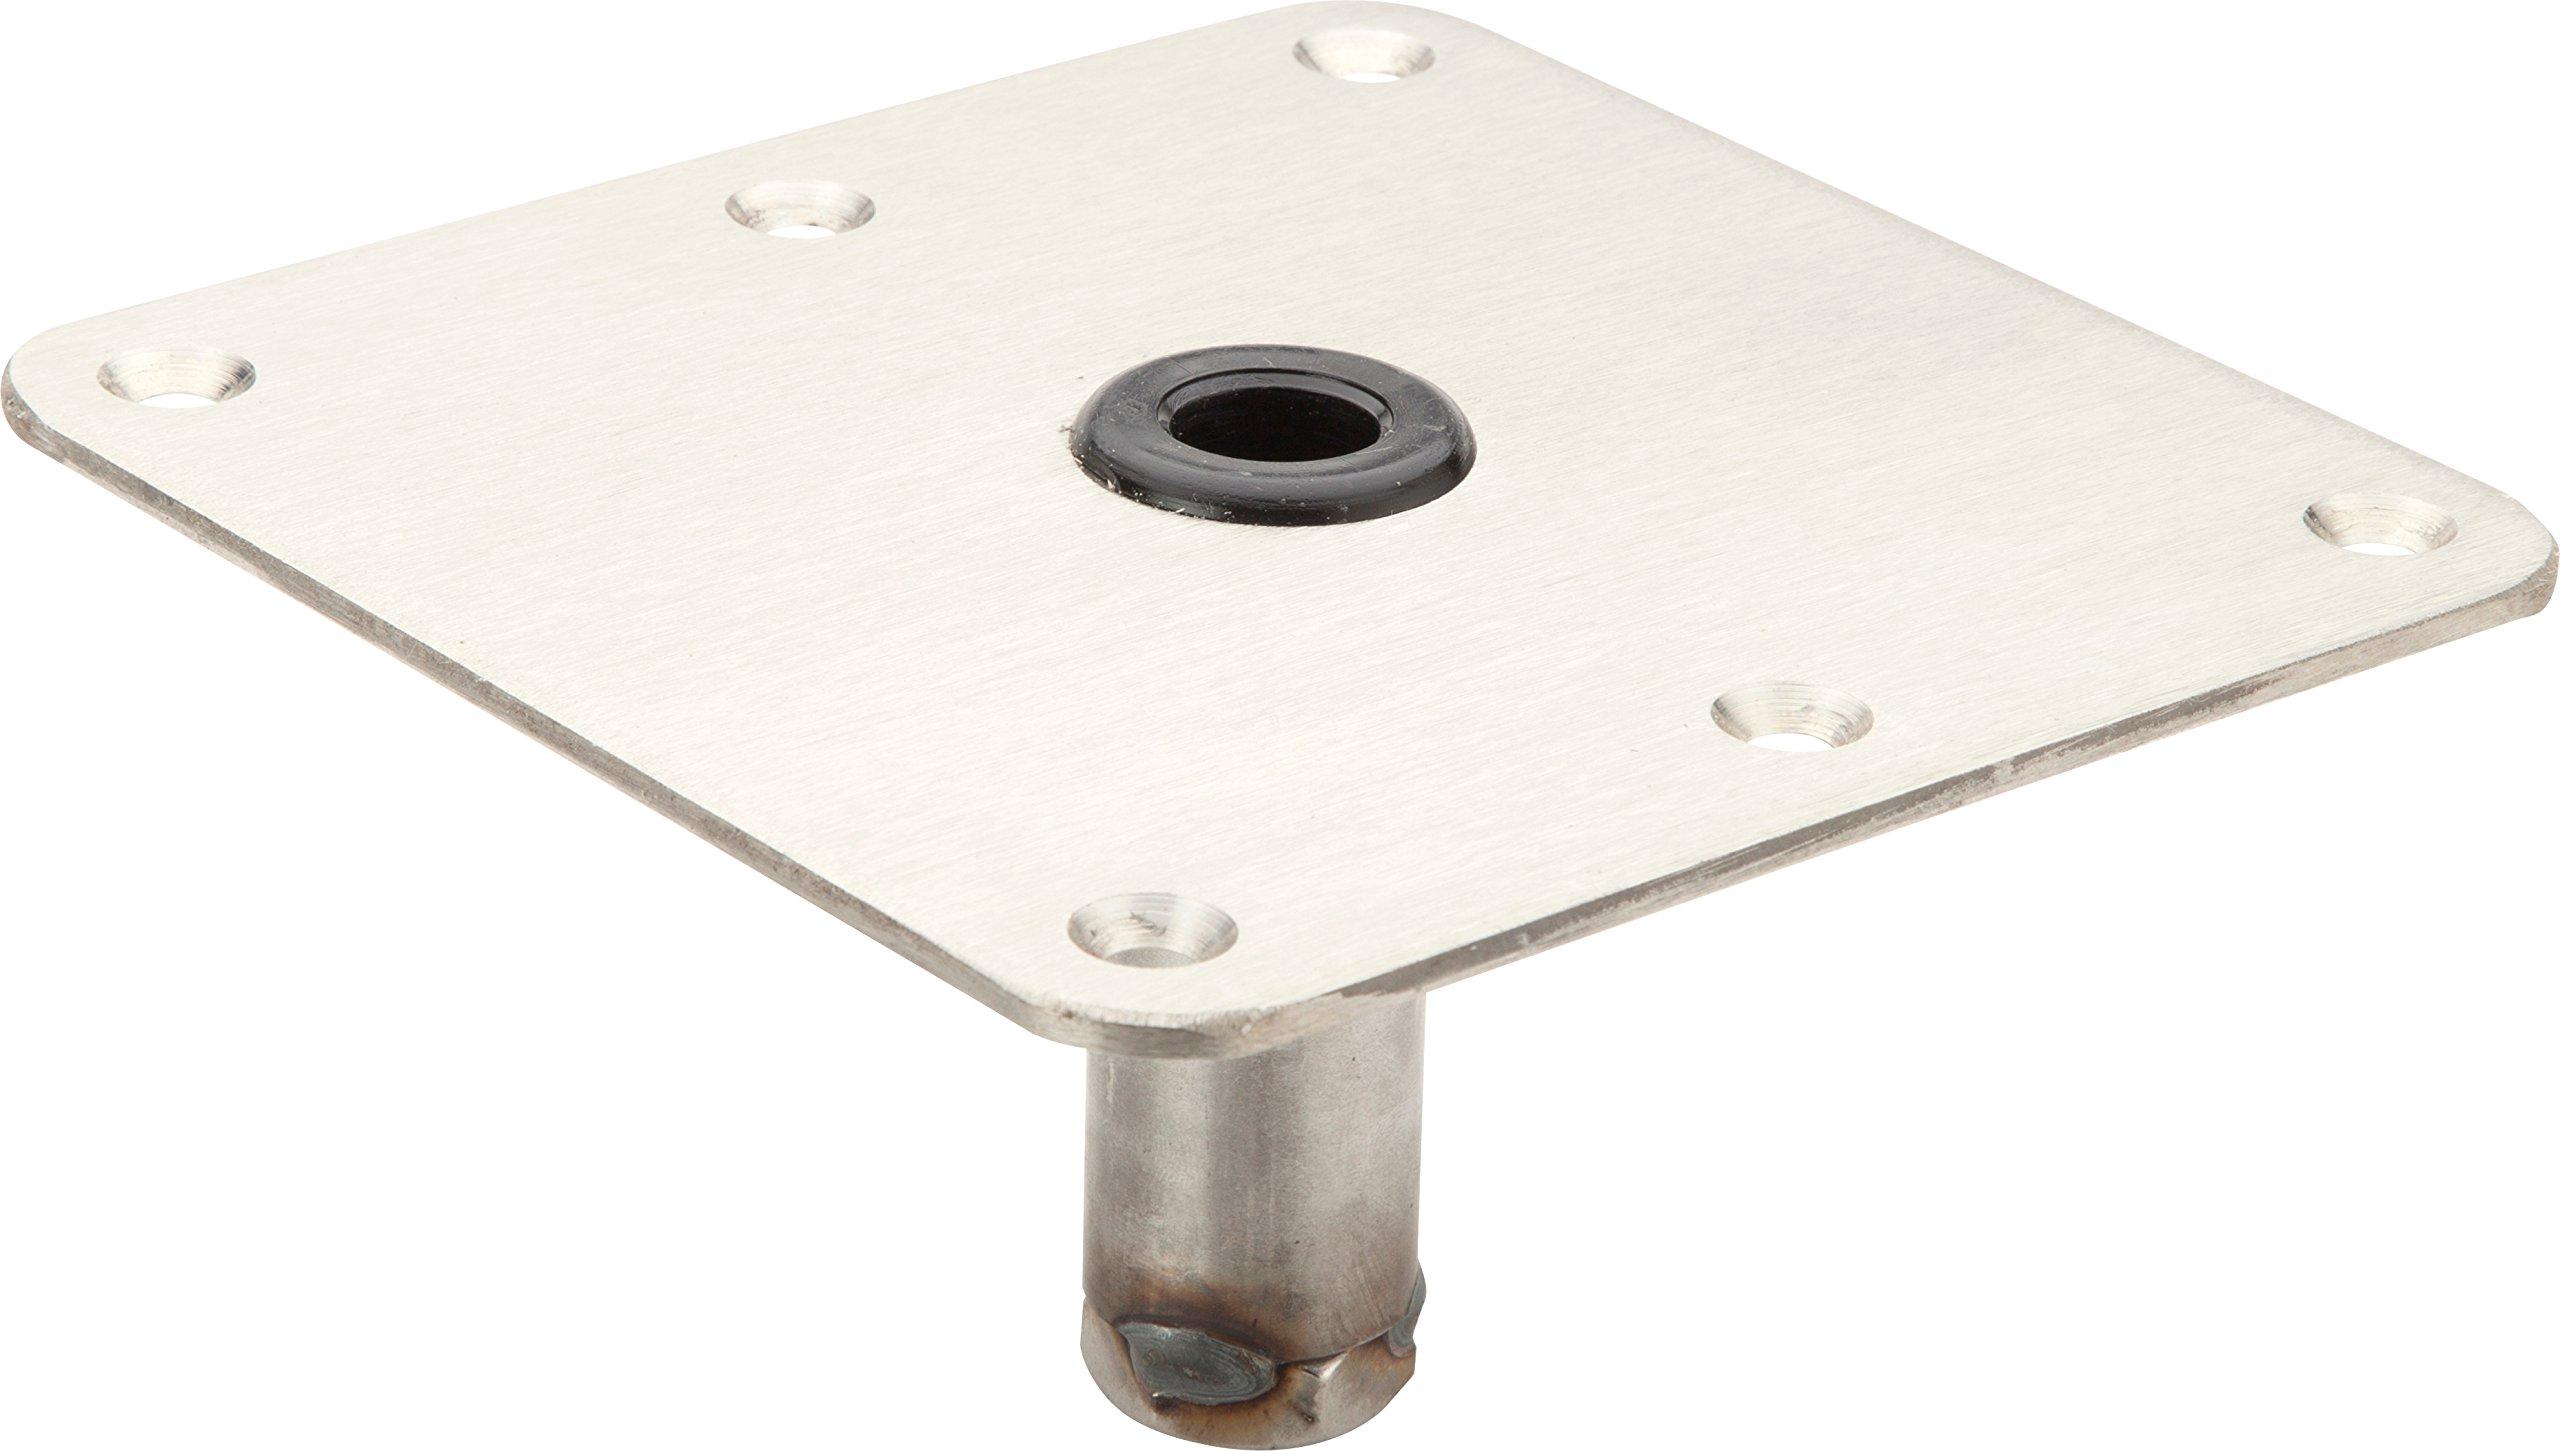 Pin Pedestal Base, 7x7 Stainless Steel